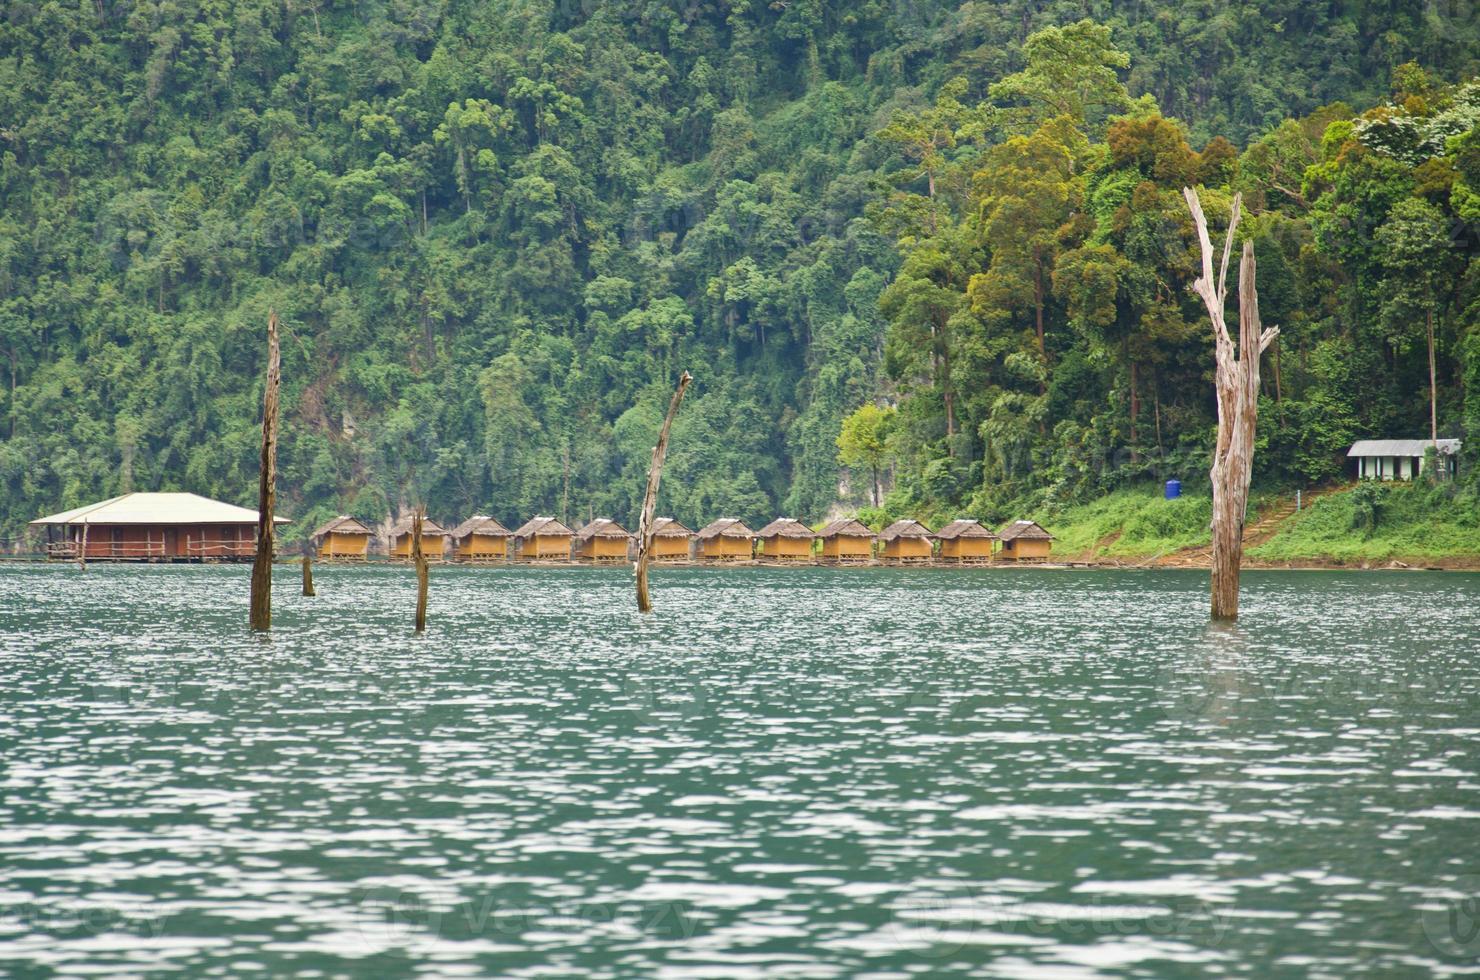 bella montagna circondata dall'acqua, attrazioni naturali a r foto